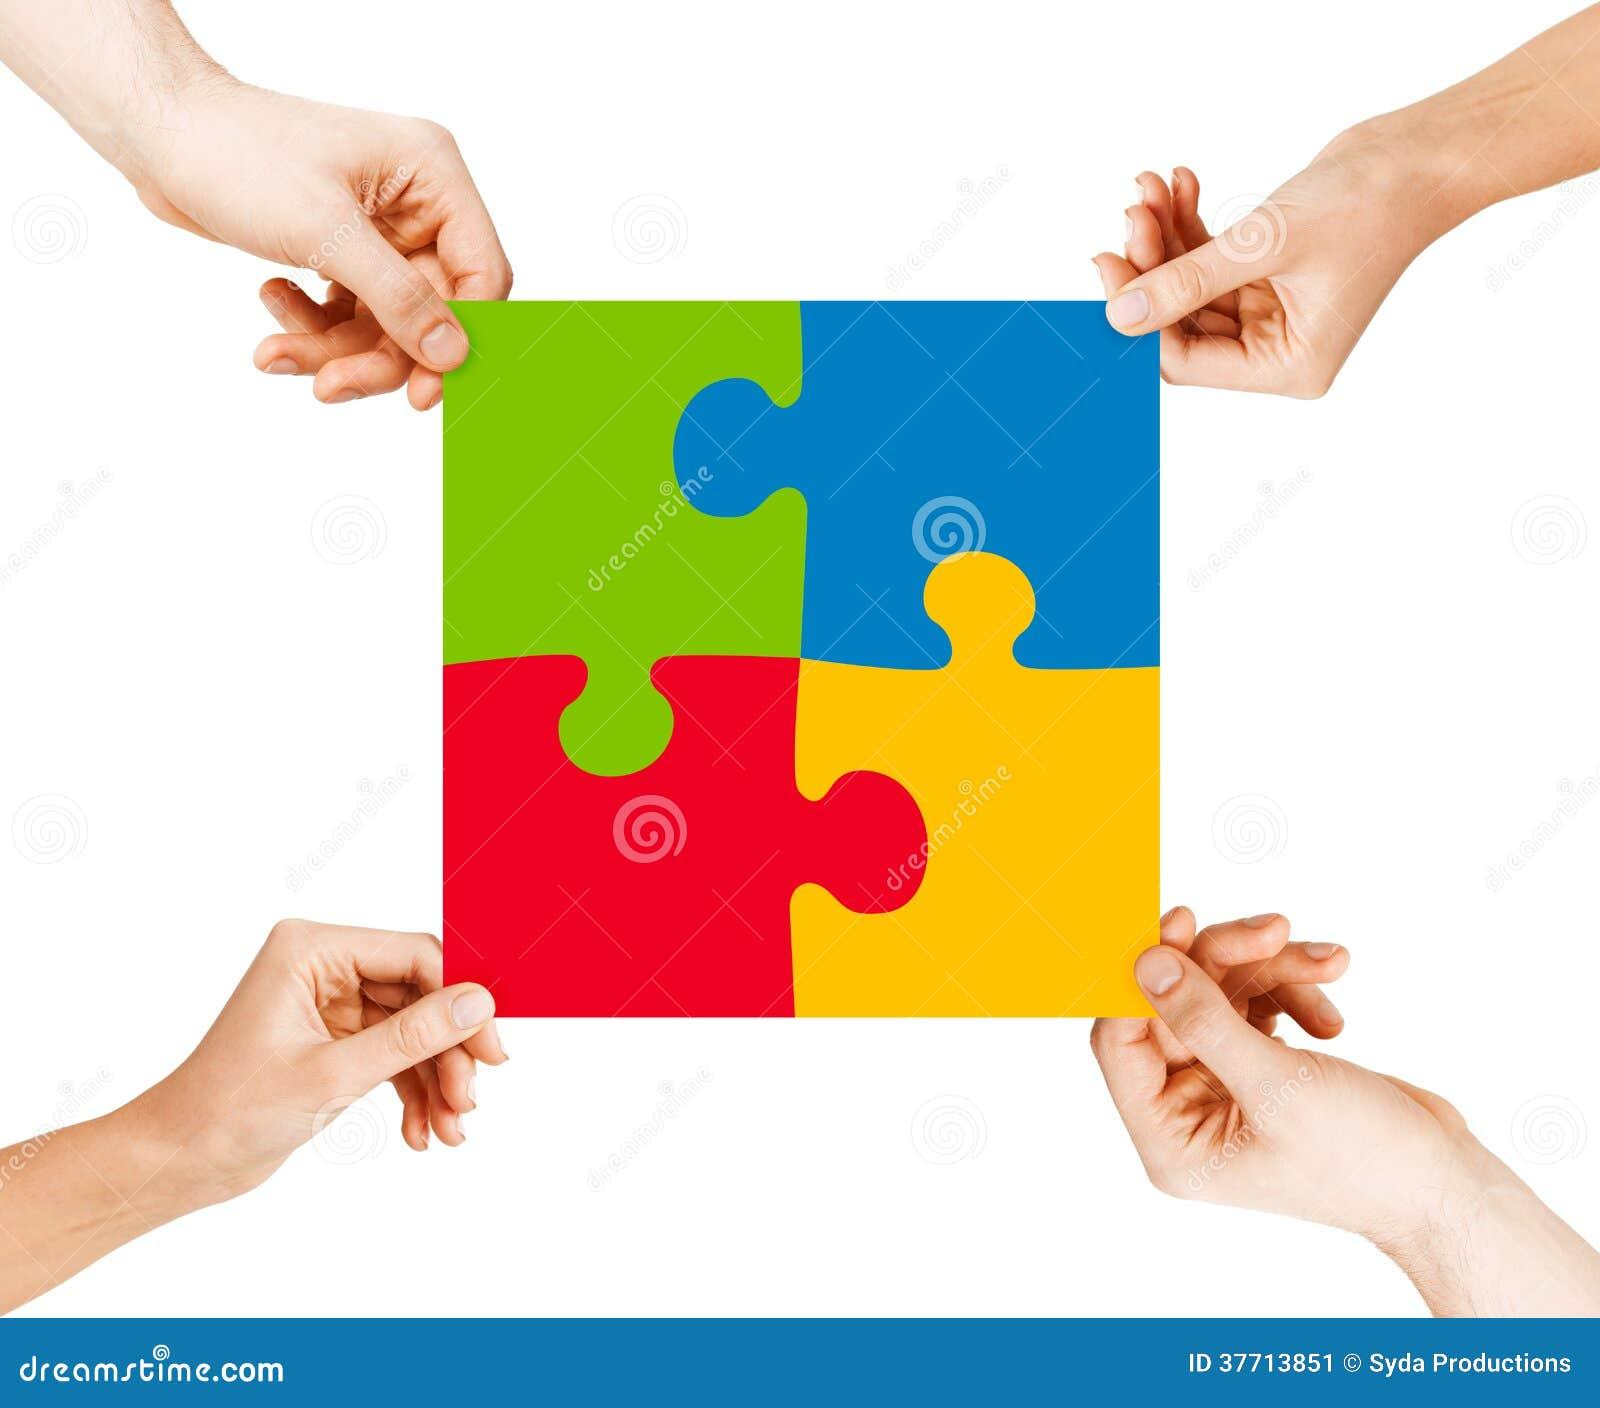 Cuatro manos que conectan pedazos del rompecabezas